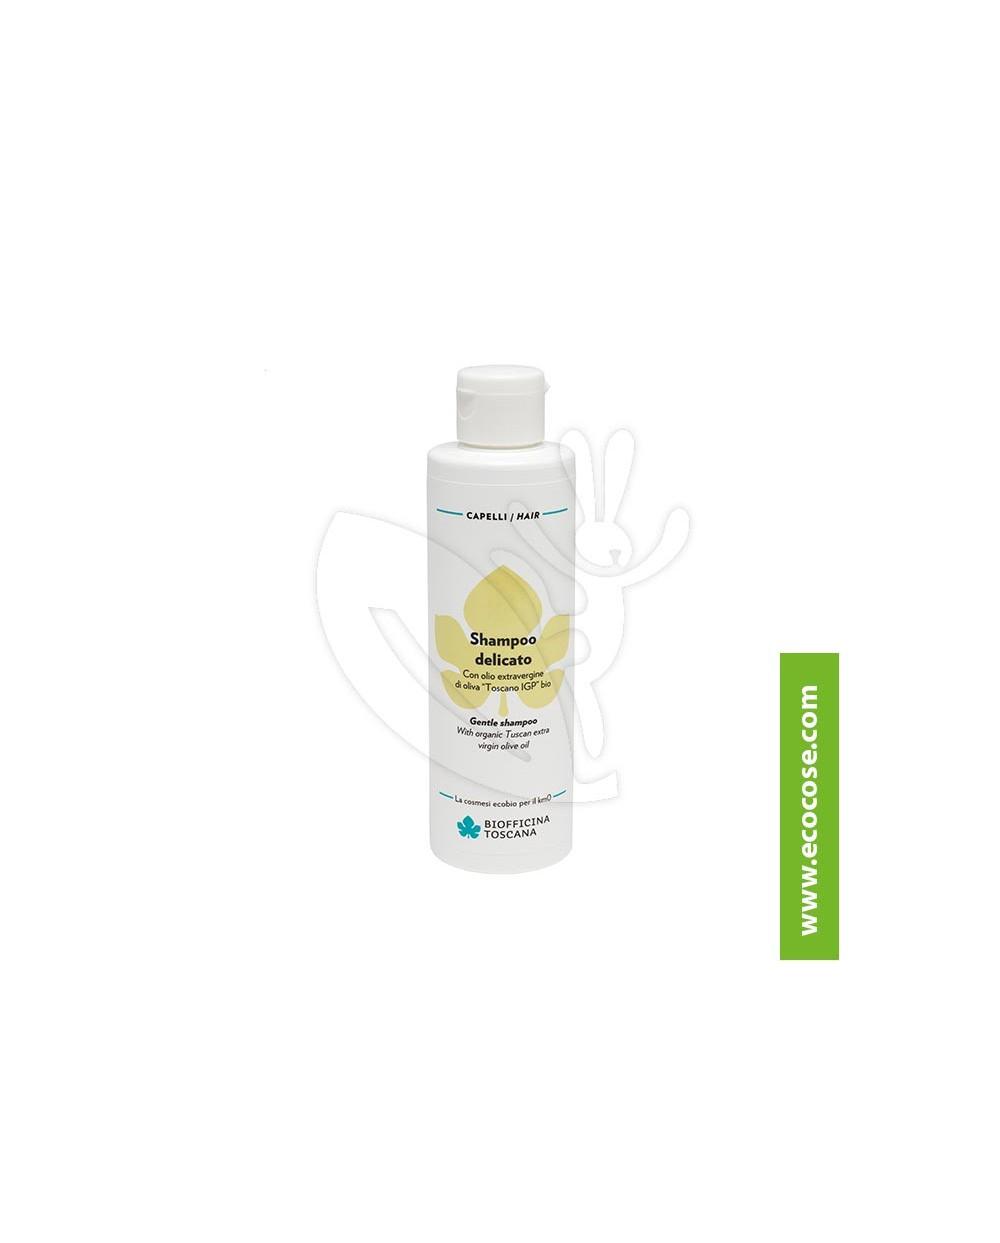 Biofficina Toscana - Shampoo delicato 200 ml